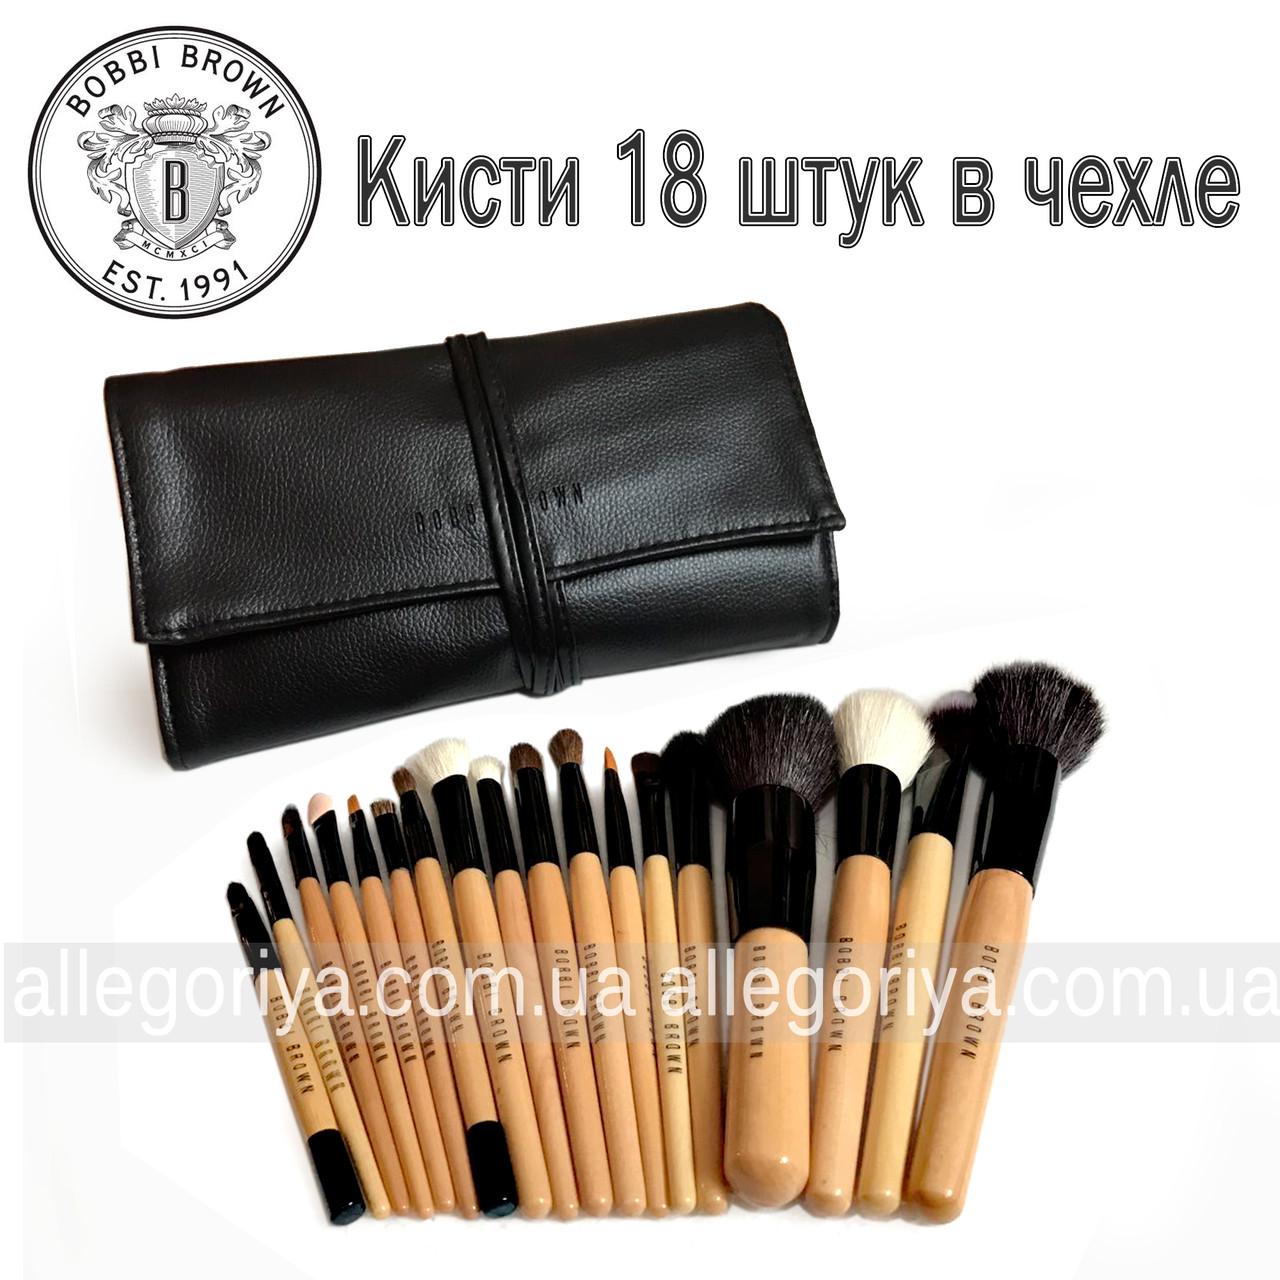 Набор кистей для макияж из натурального ворса